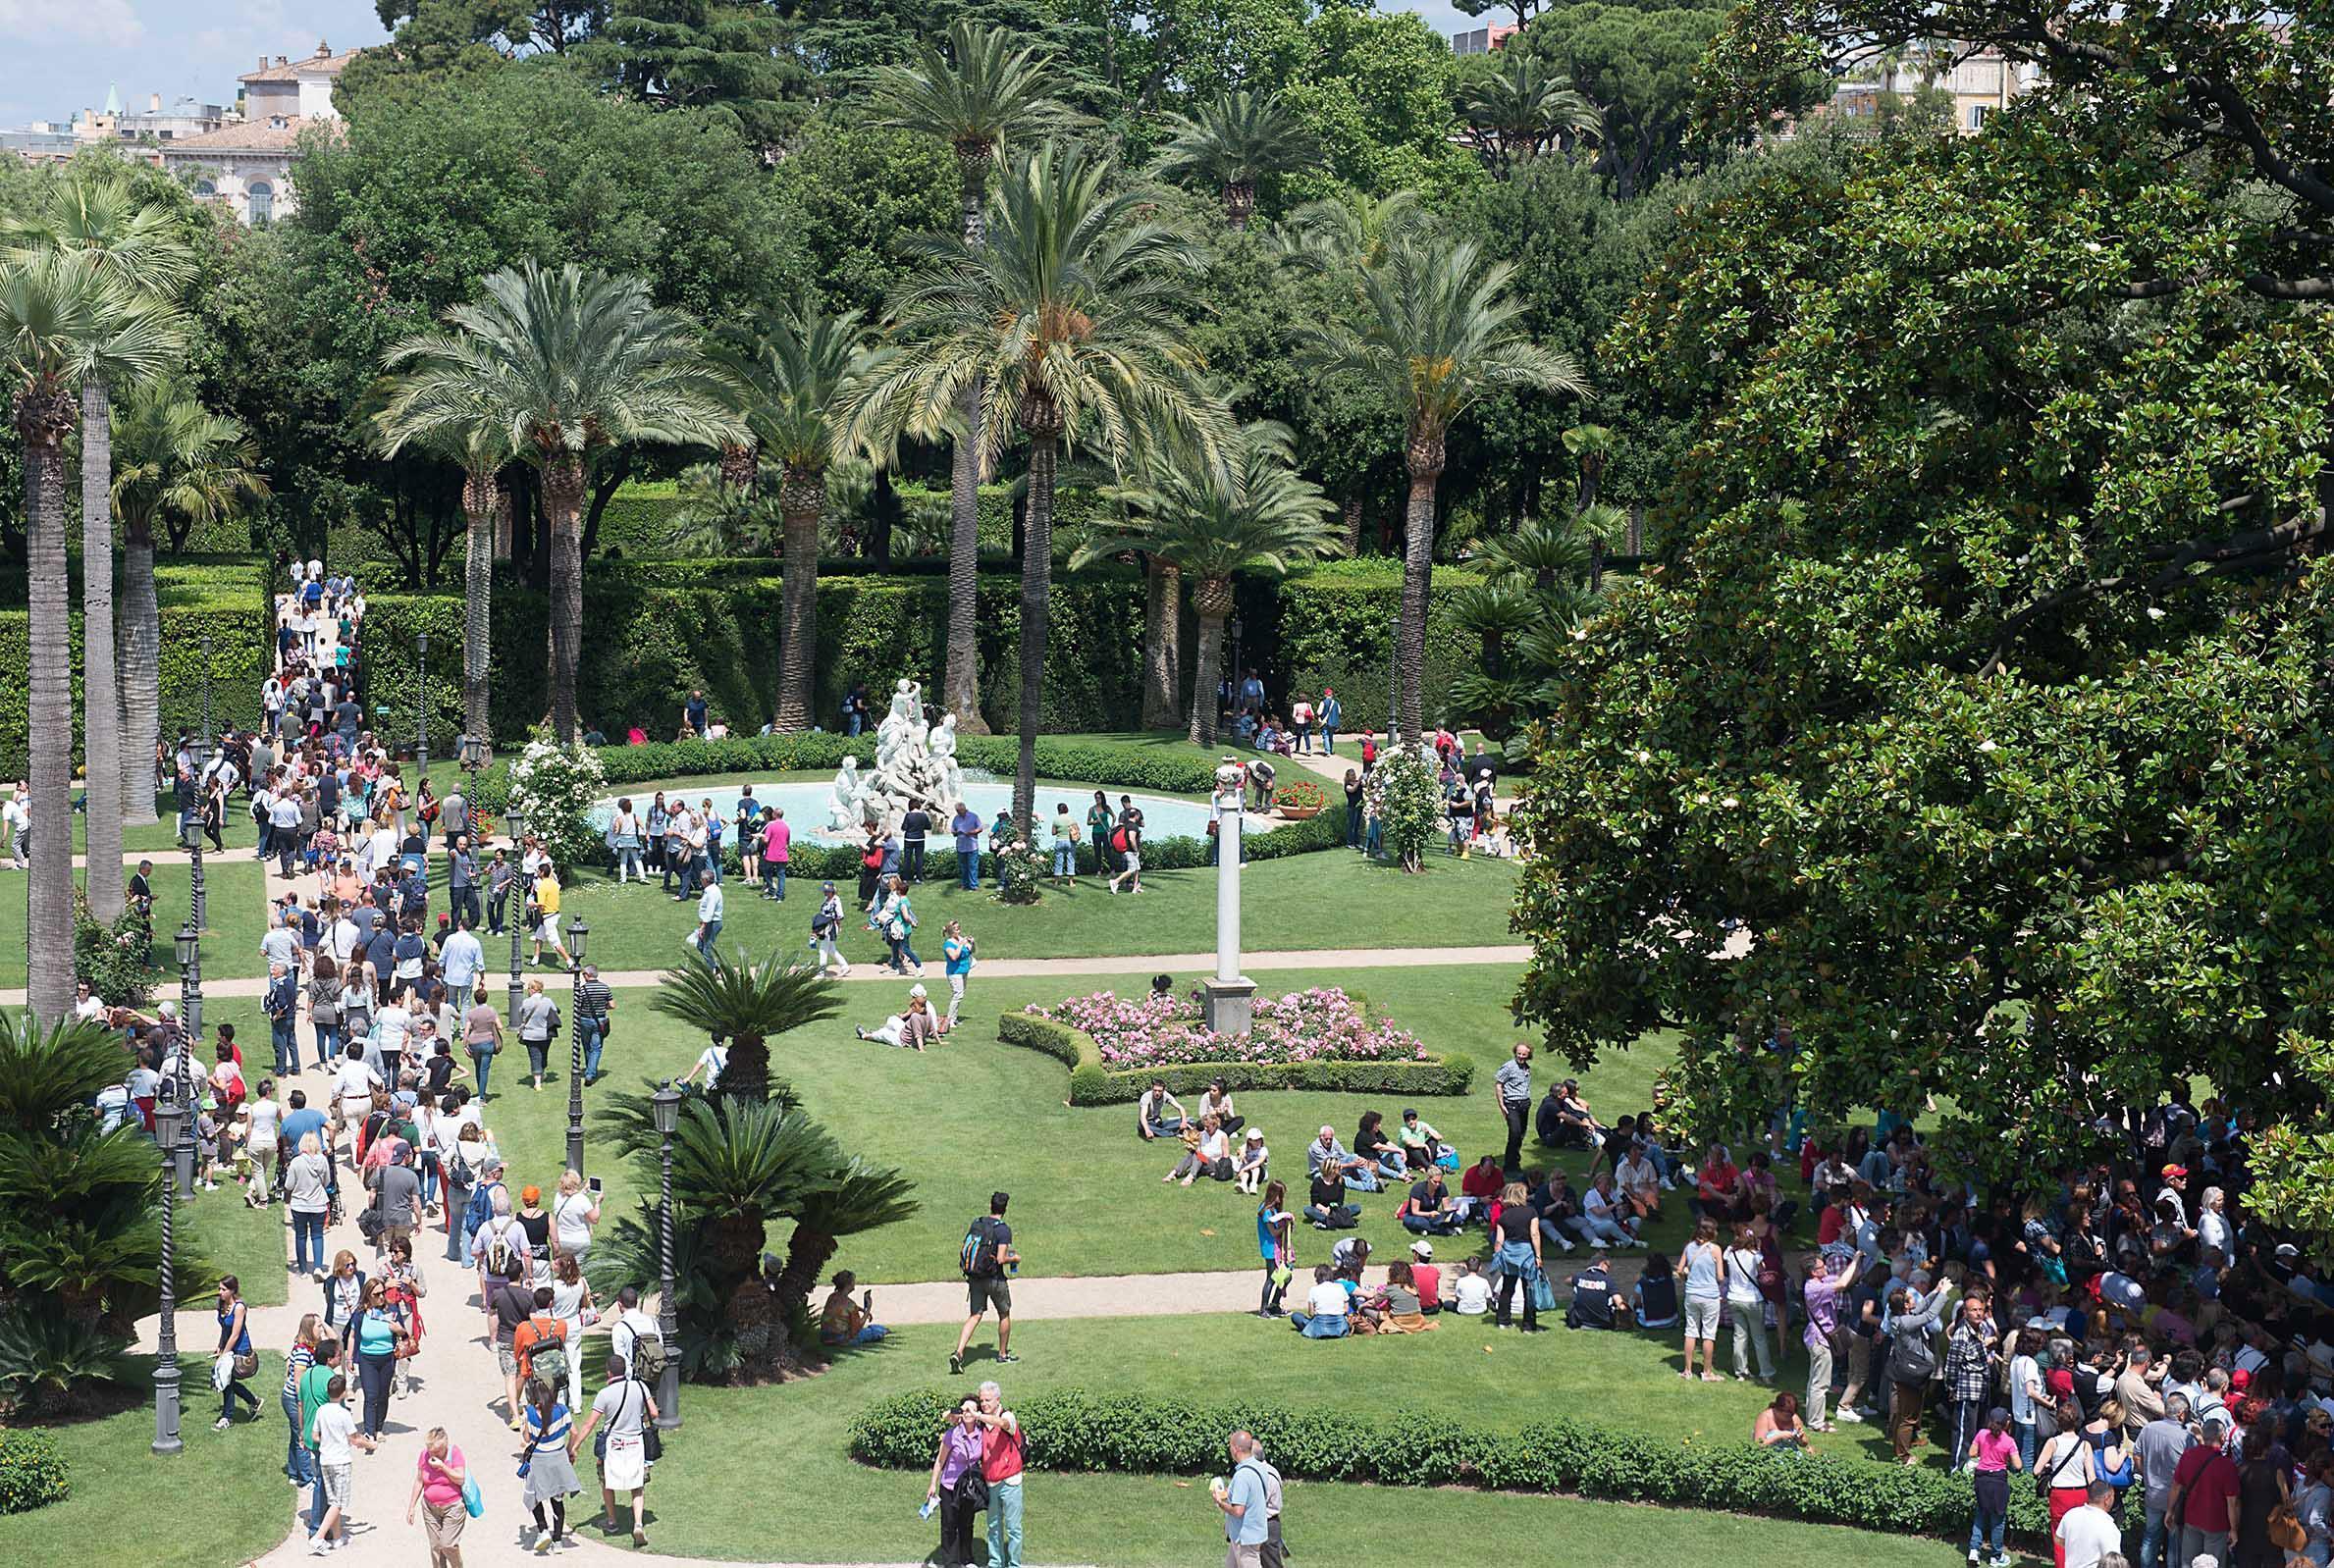 I giardini del quirinale le frecce tricolore i bersaglieri le foto del 2 giugno - I giardini del quirinale ...